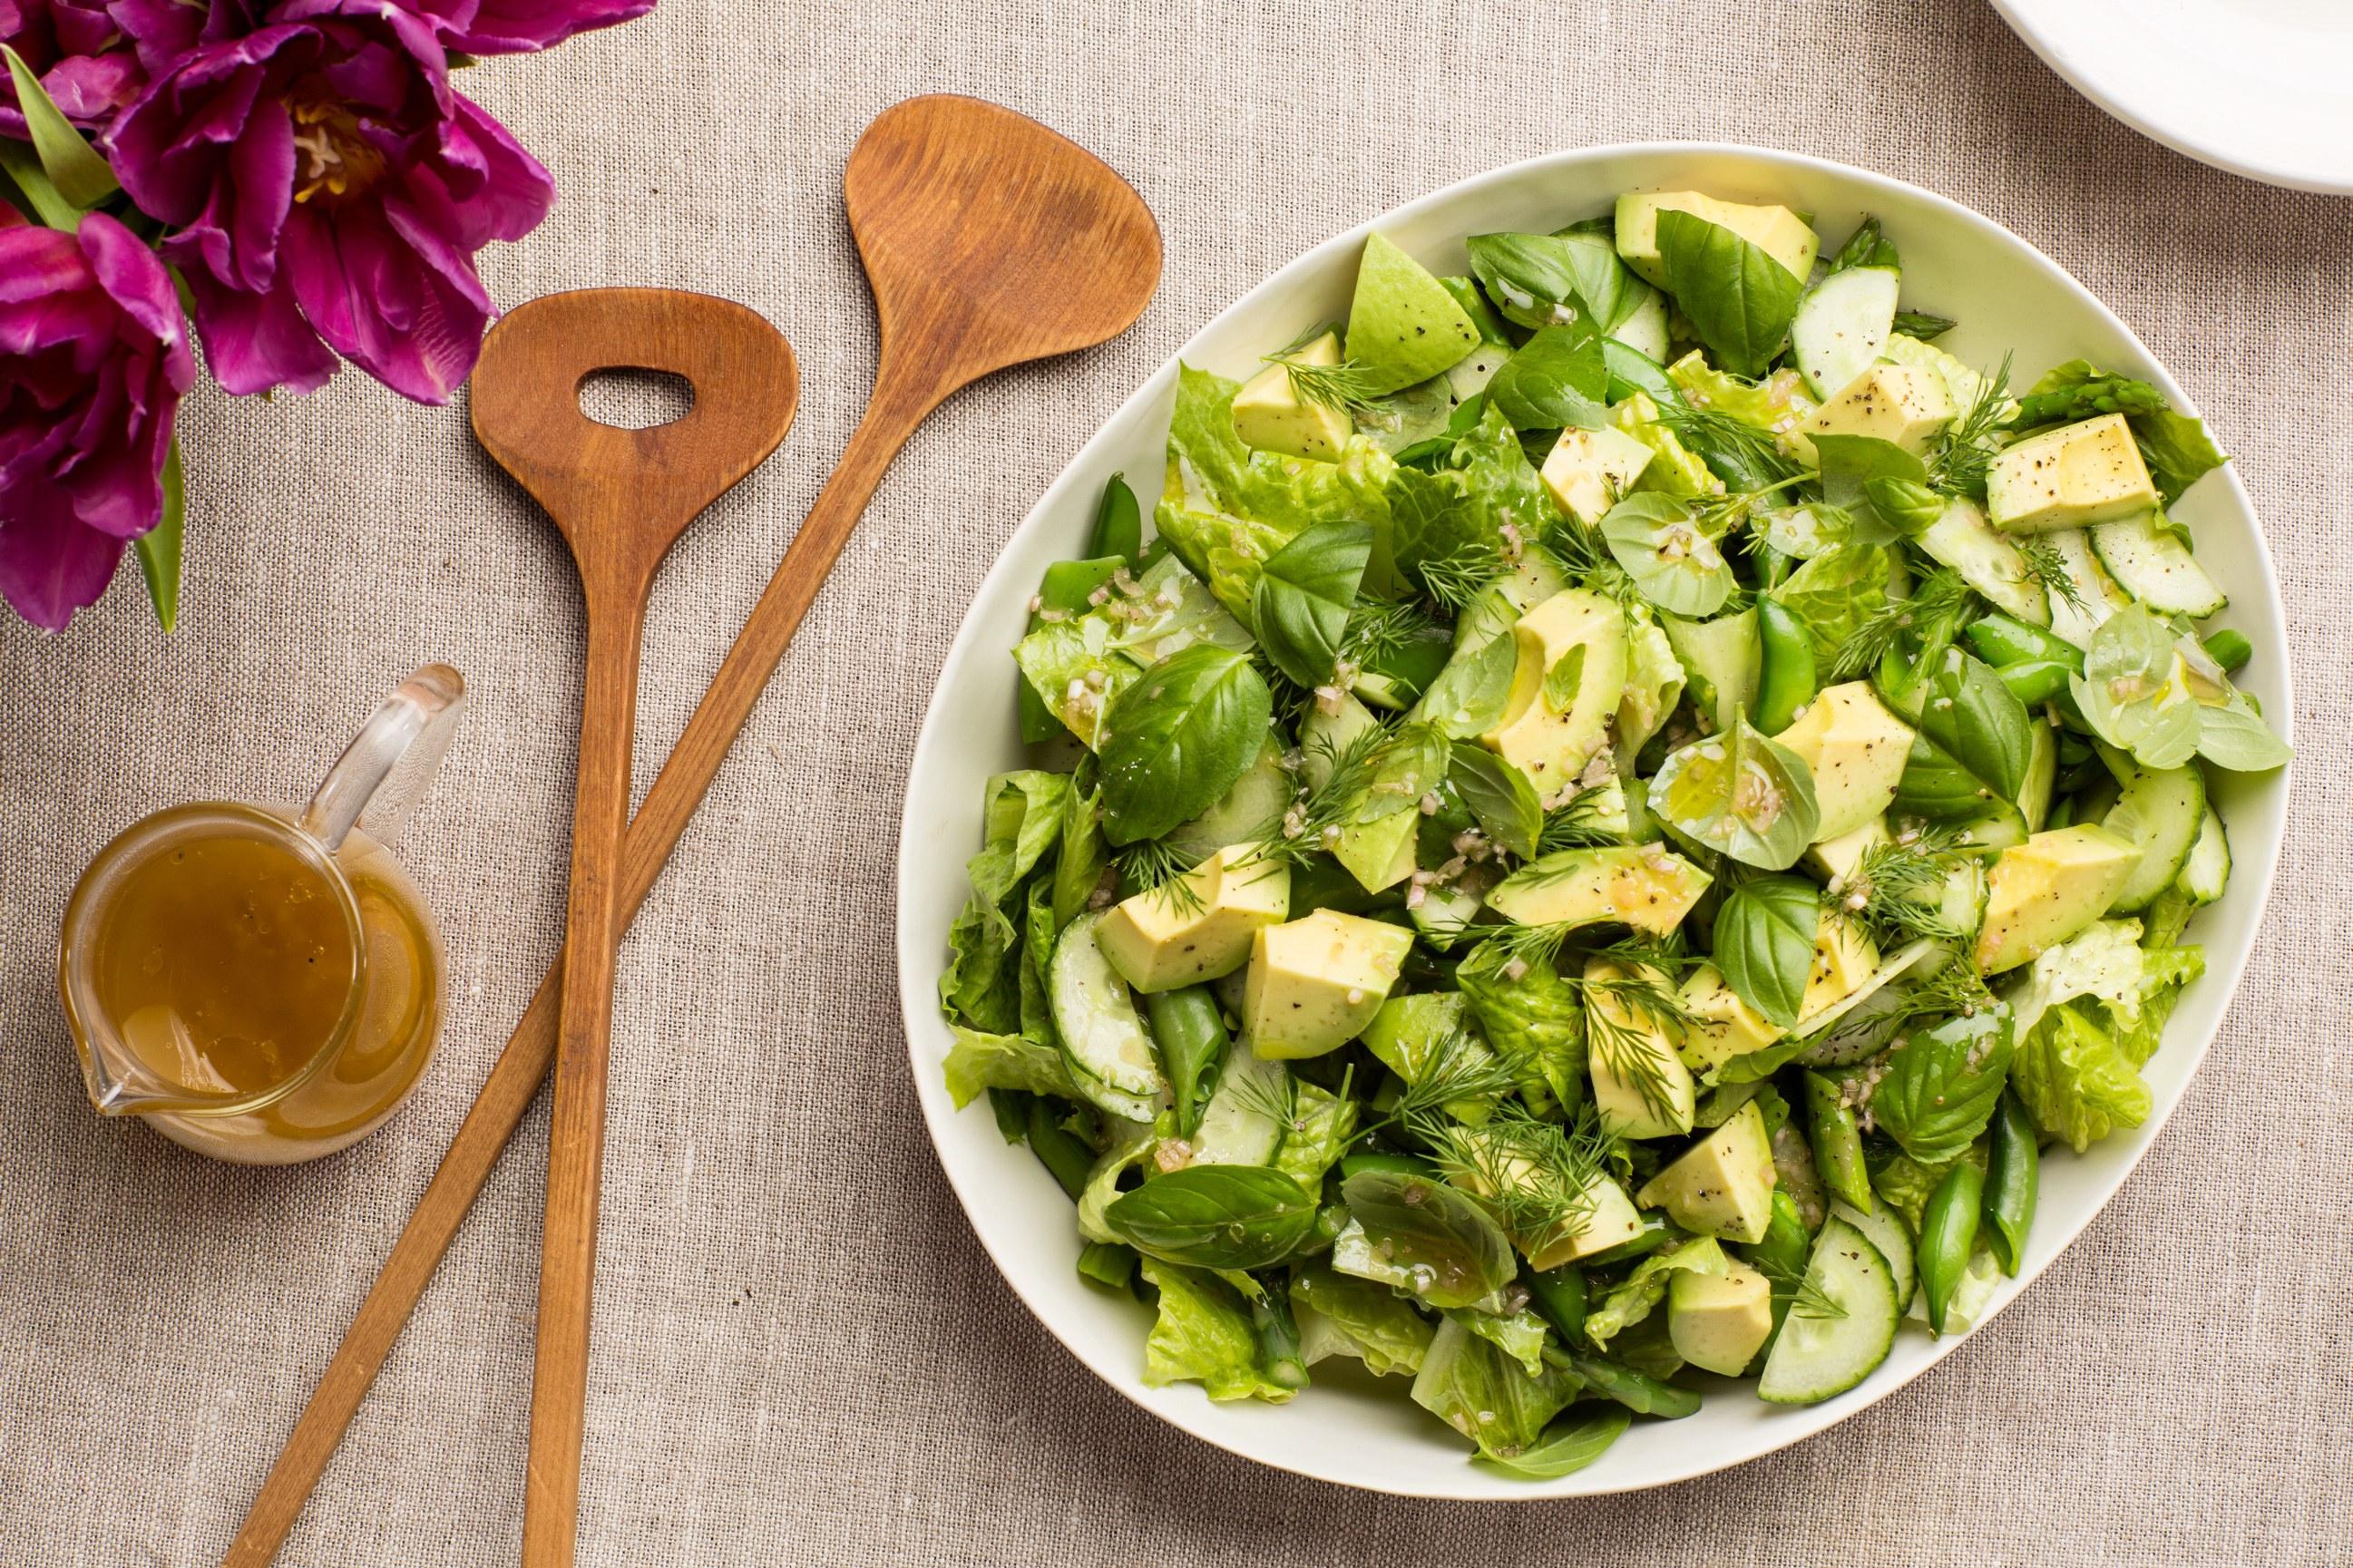 All Green Salad with Citrus Vinaigrette recipe | Epicurious.com